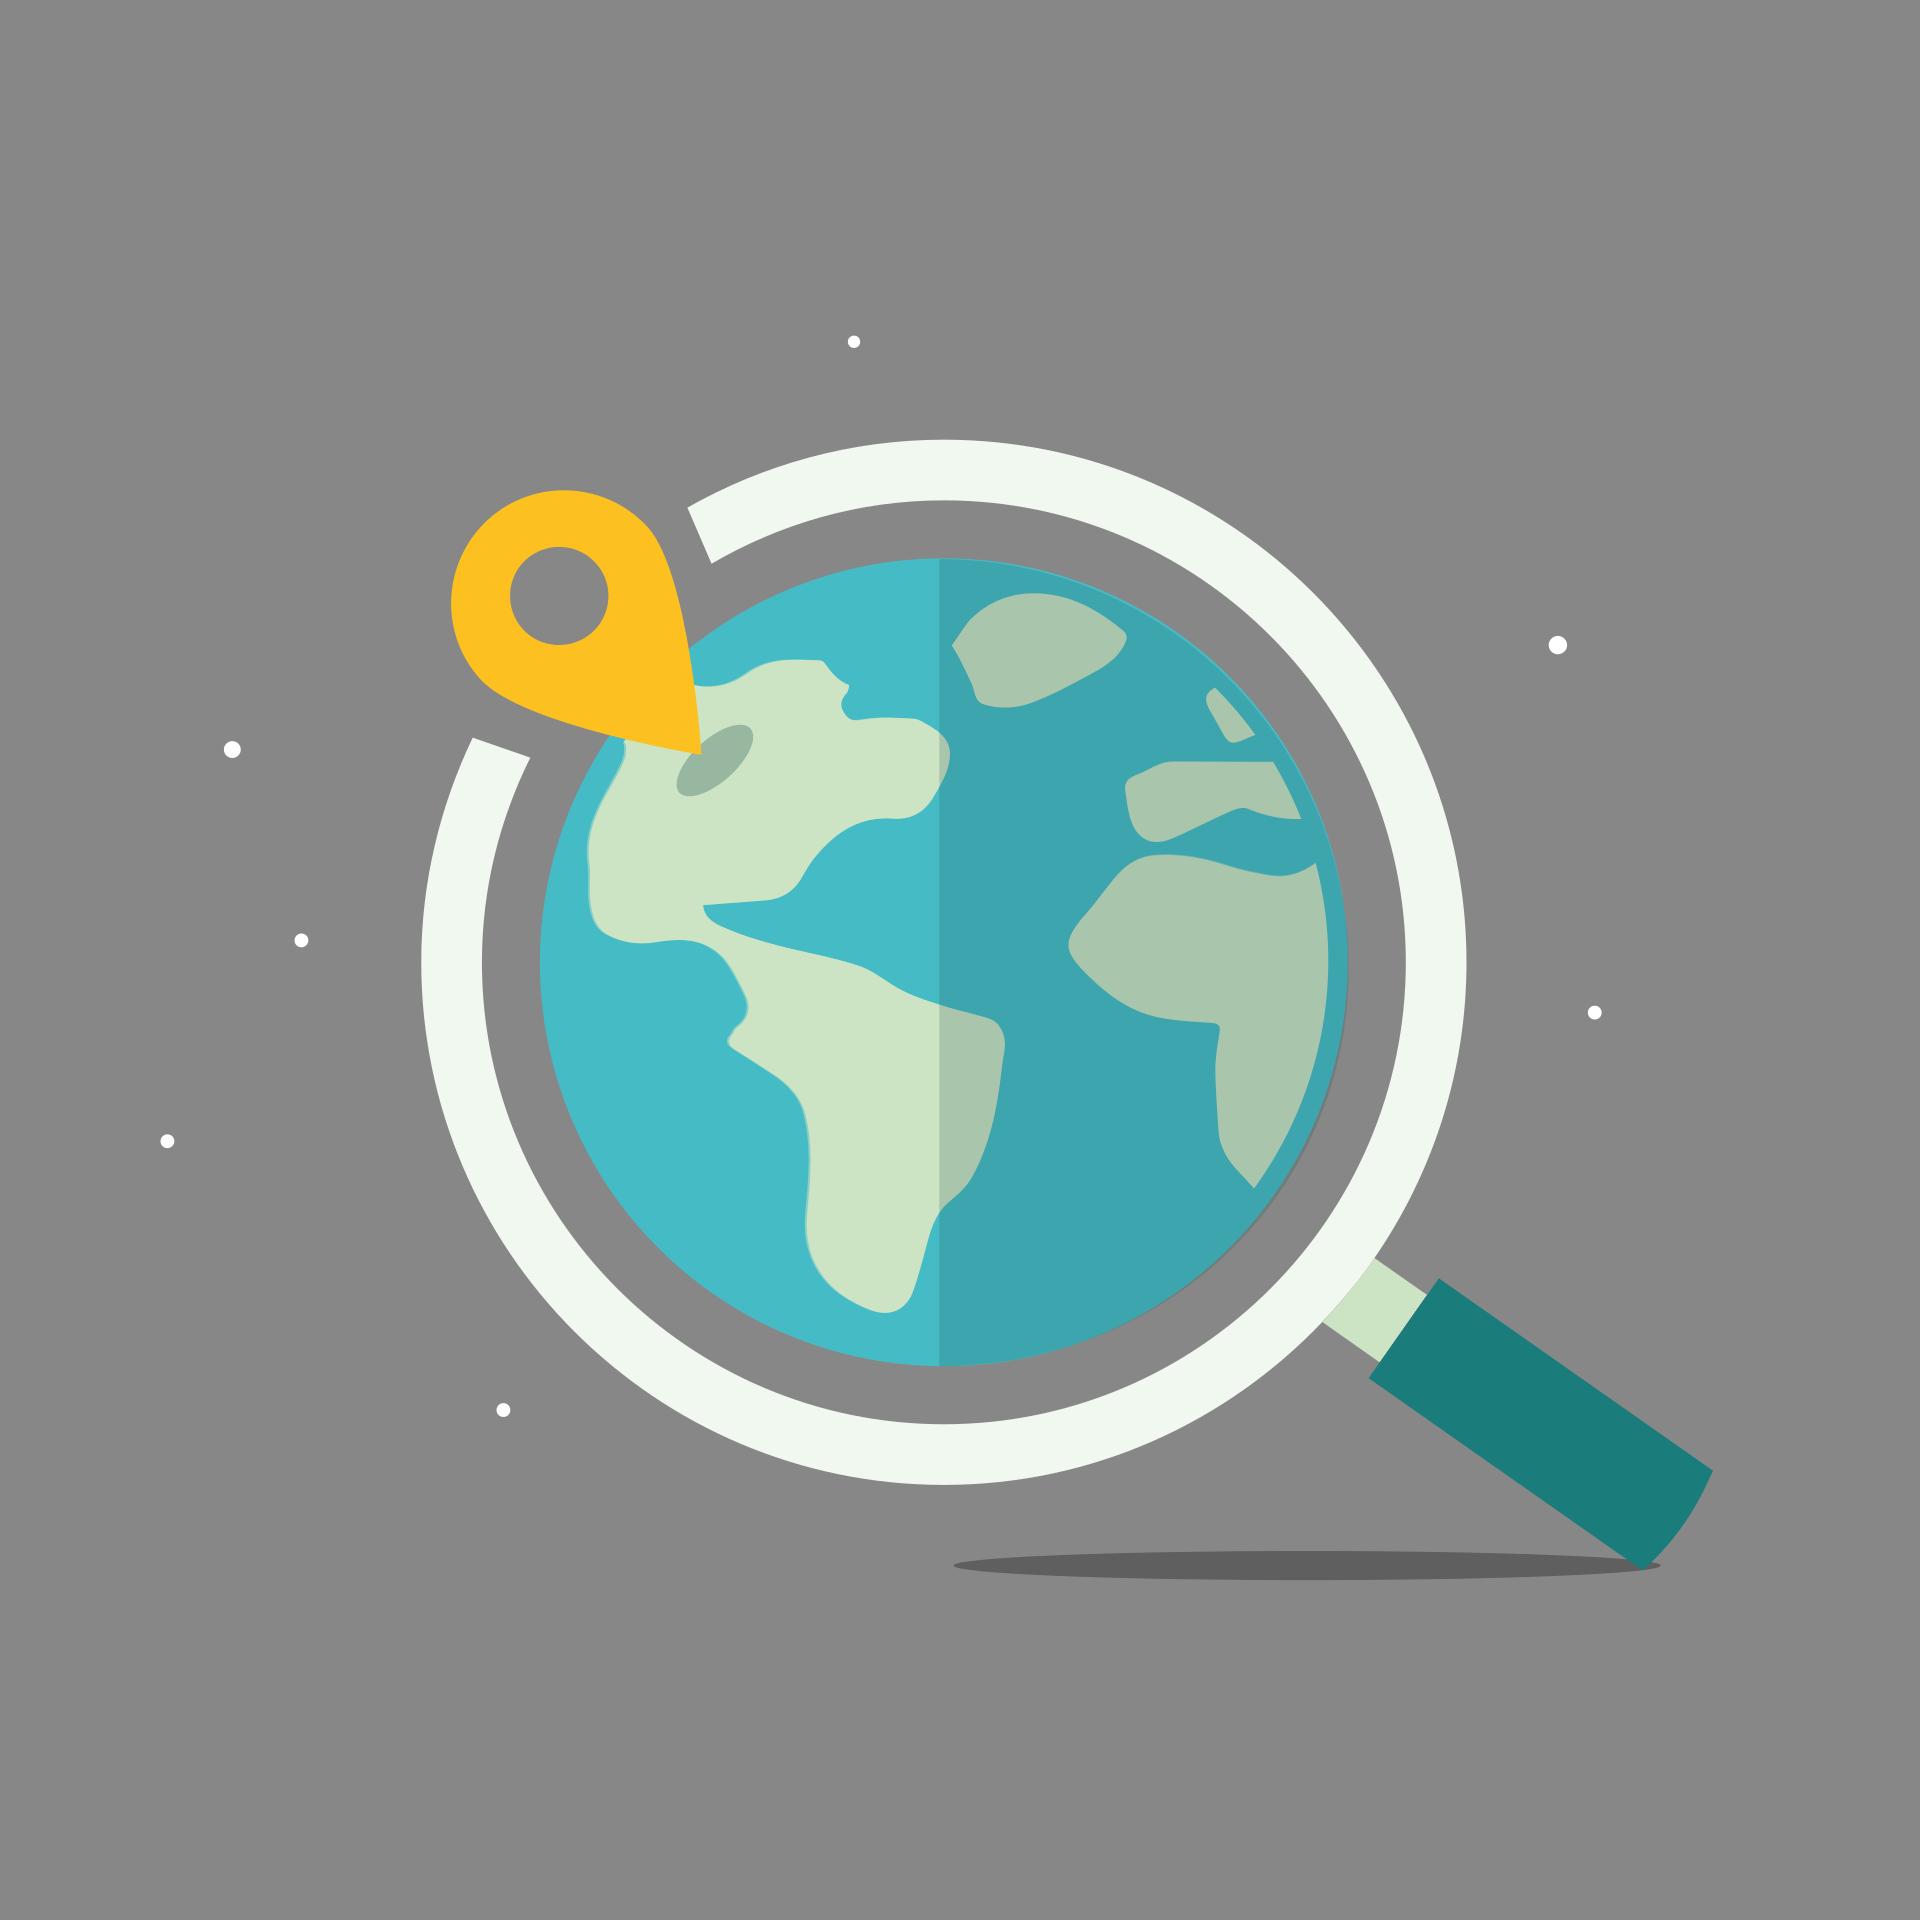 Local Seo - Ottimizza sito web per la ricerca geografica